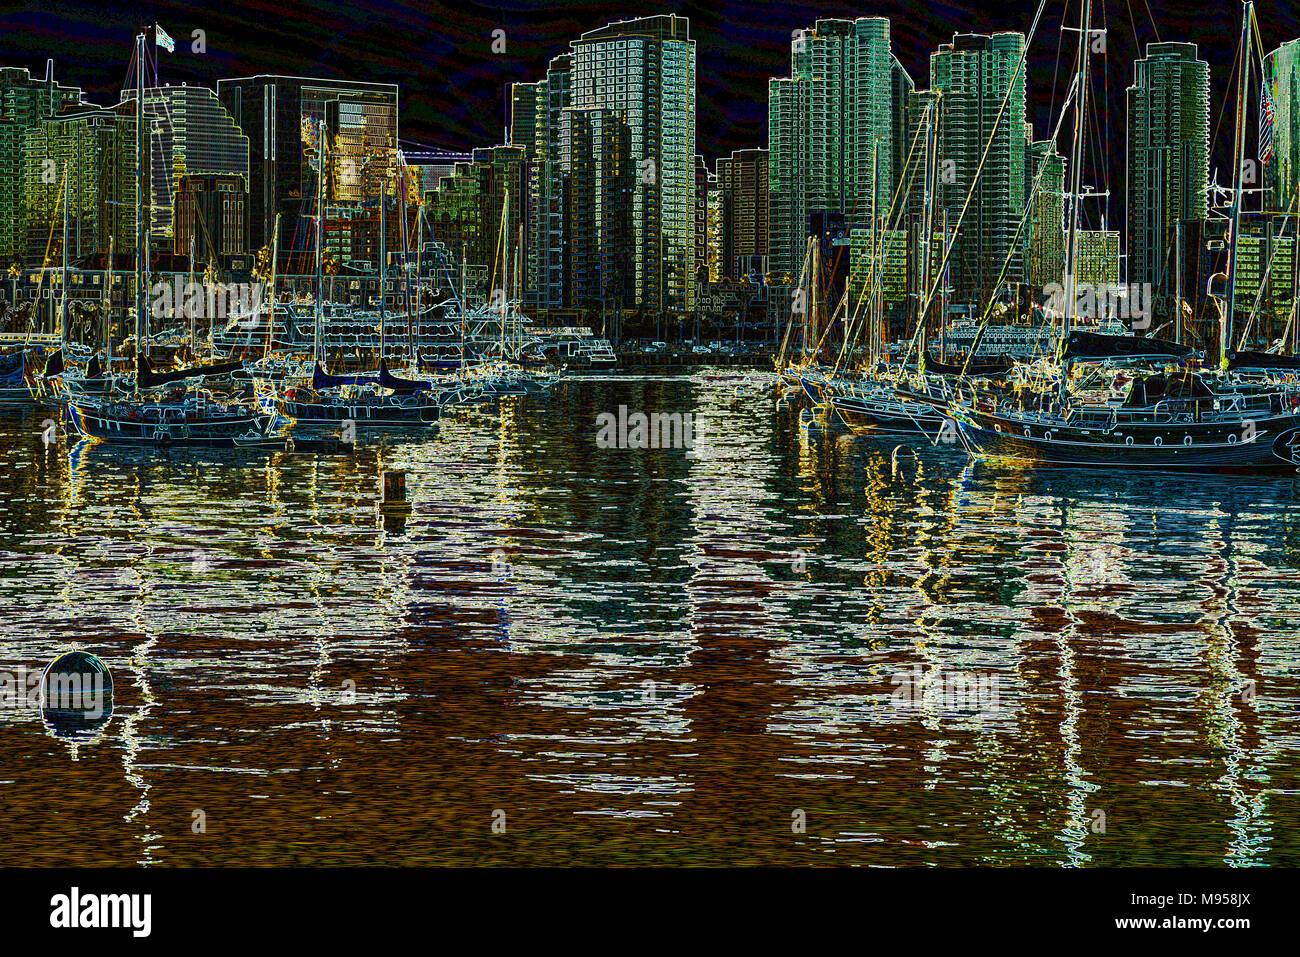 Hafen von San Diego, San Diego, Kalifornien, USA. Foto verarbeitet mit einem leuchtenden Kanten Effekt. Stockbild